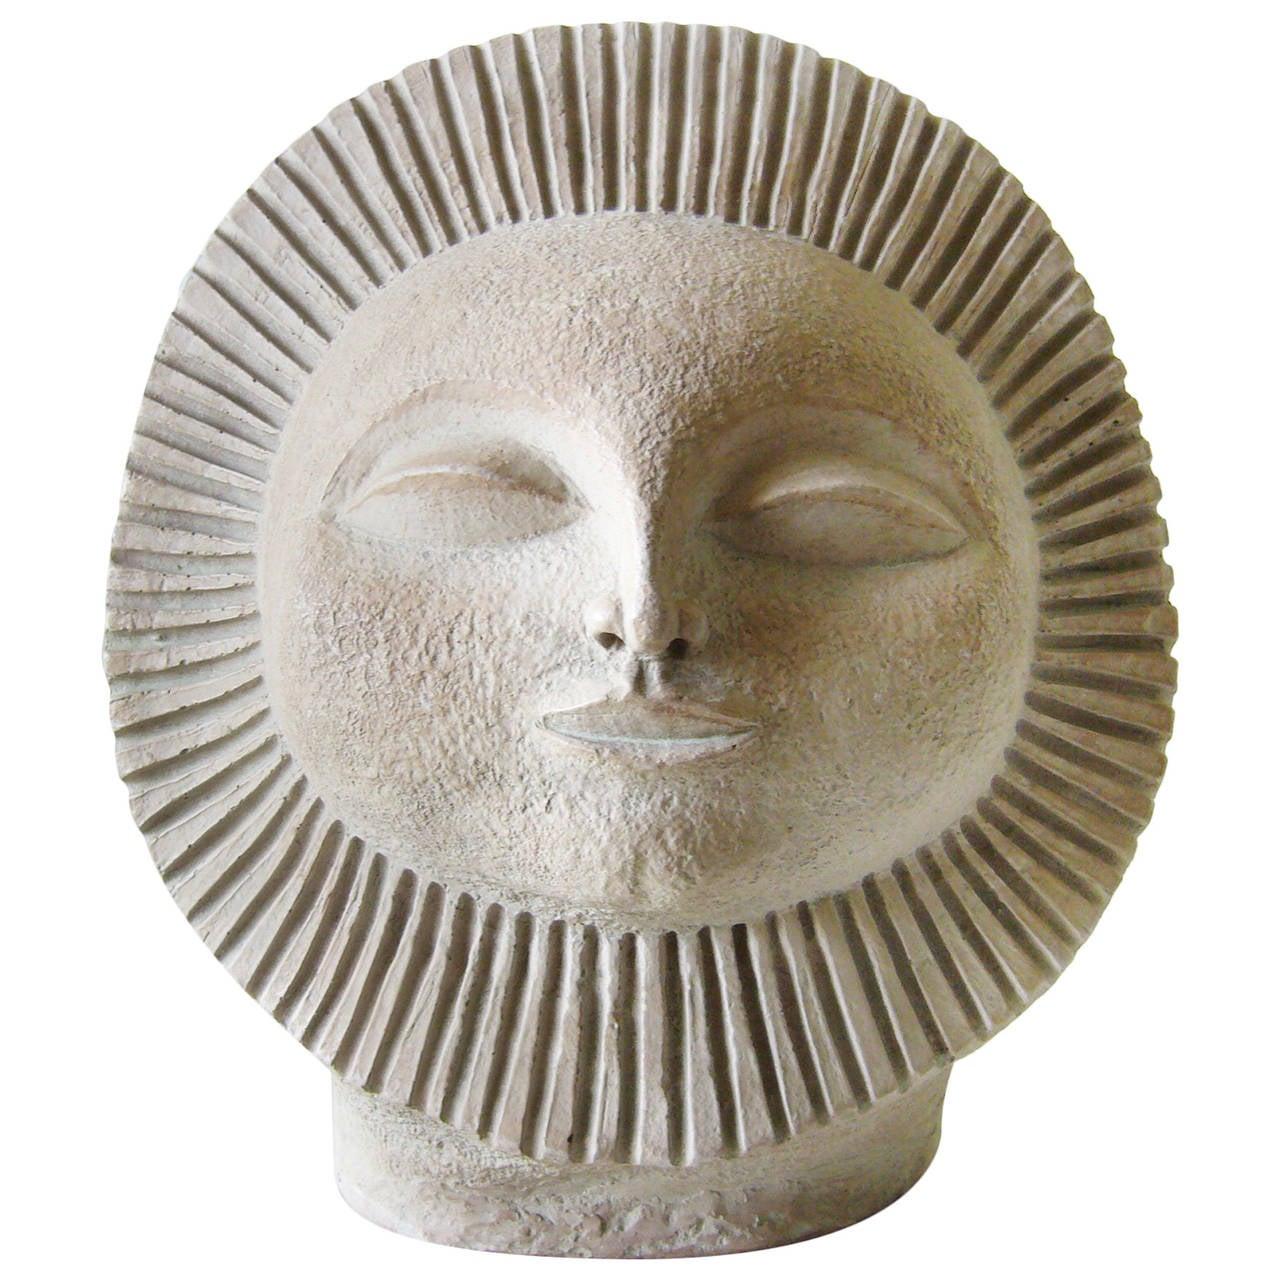 Paul Bellardo For Austin Sun Face Sculpture